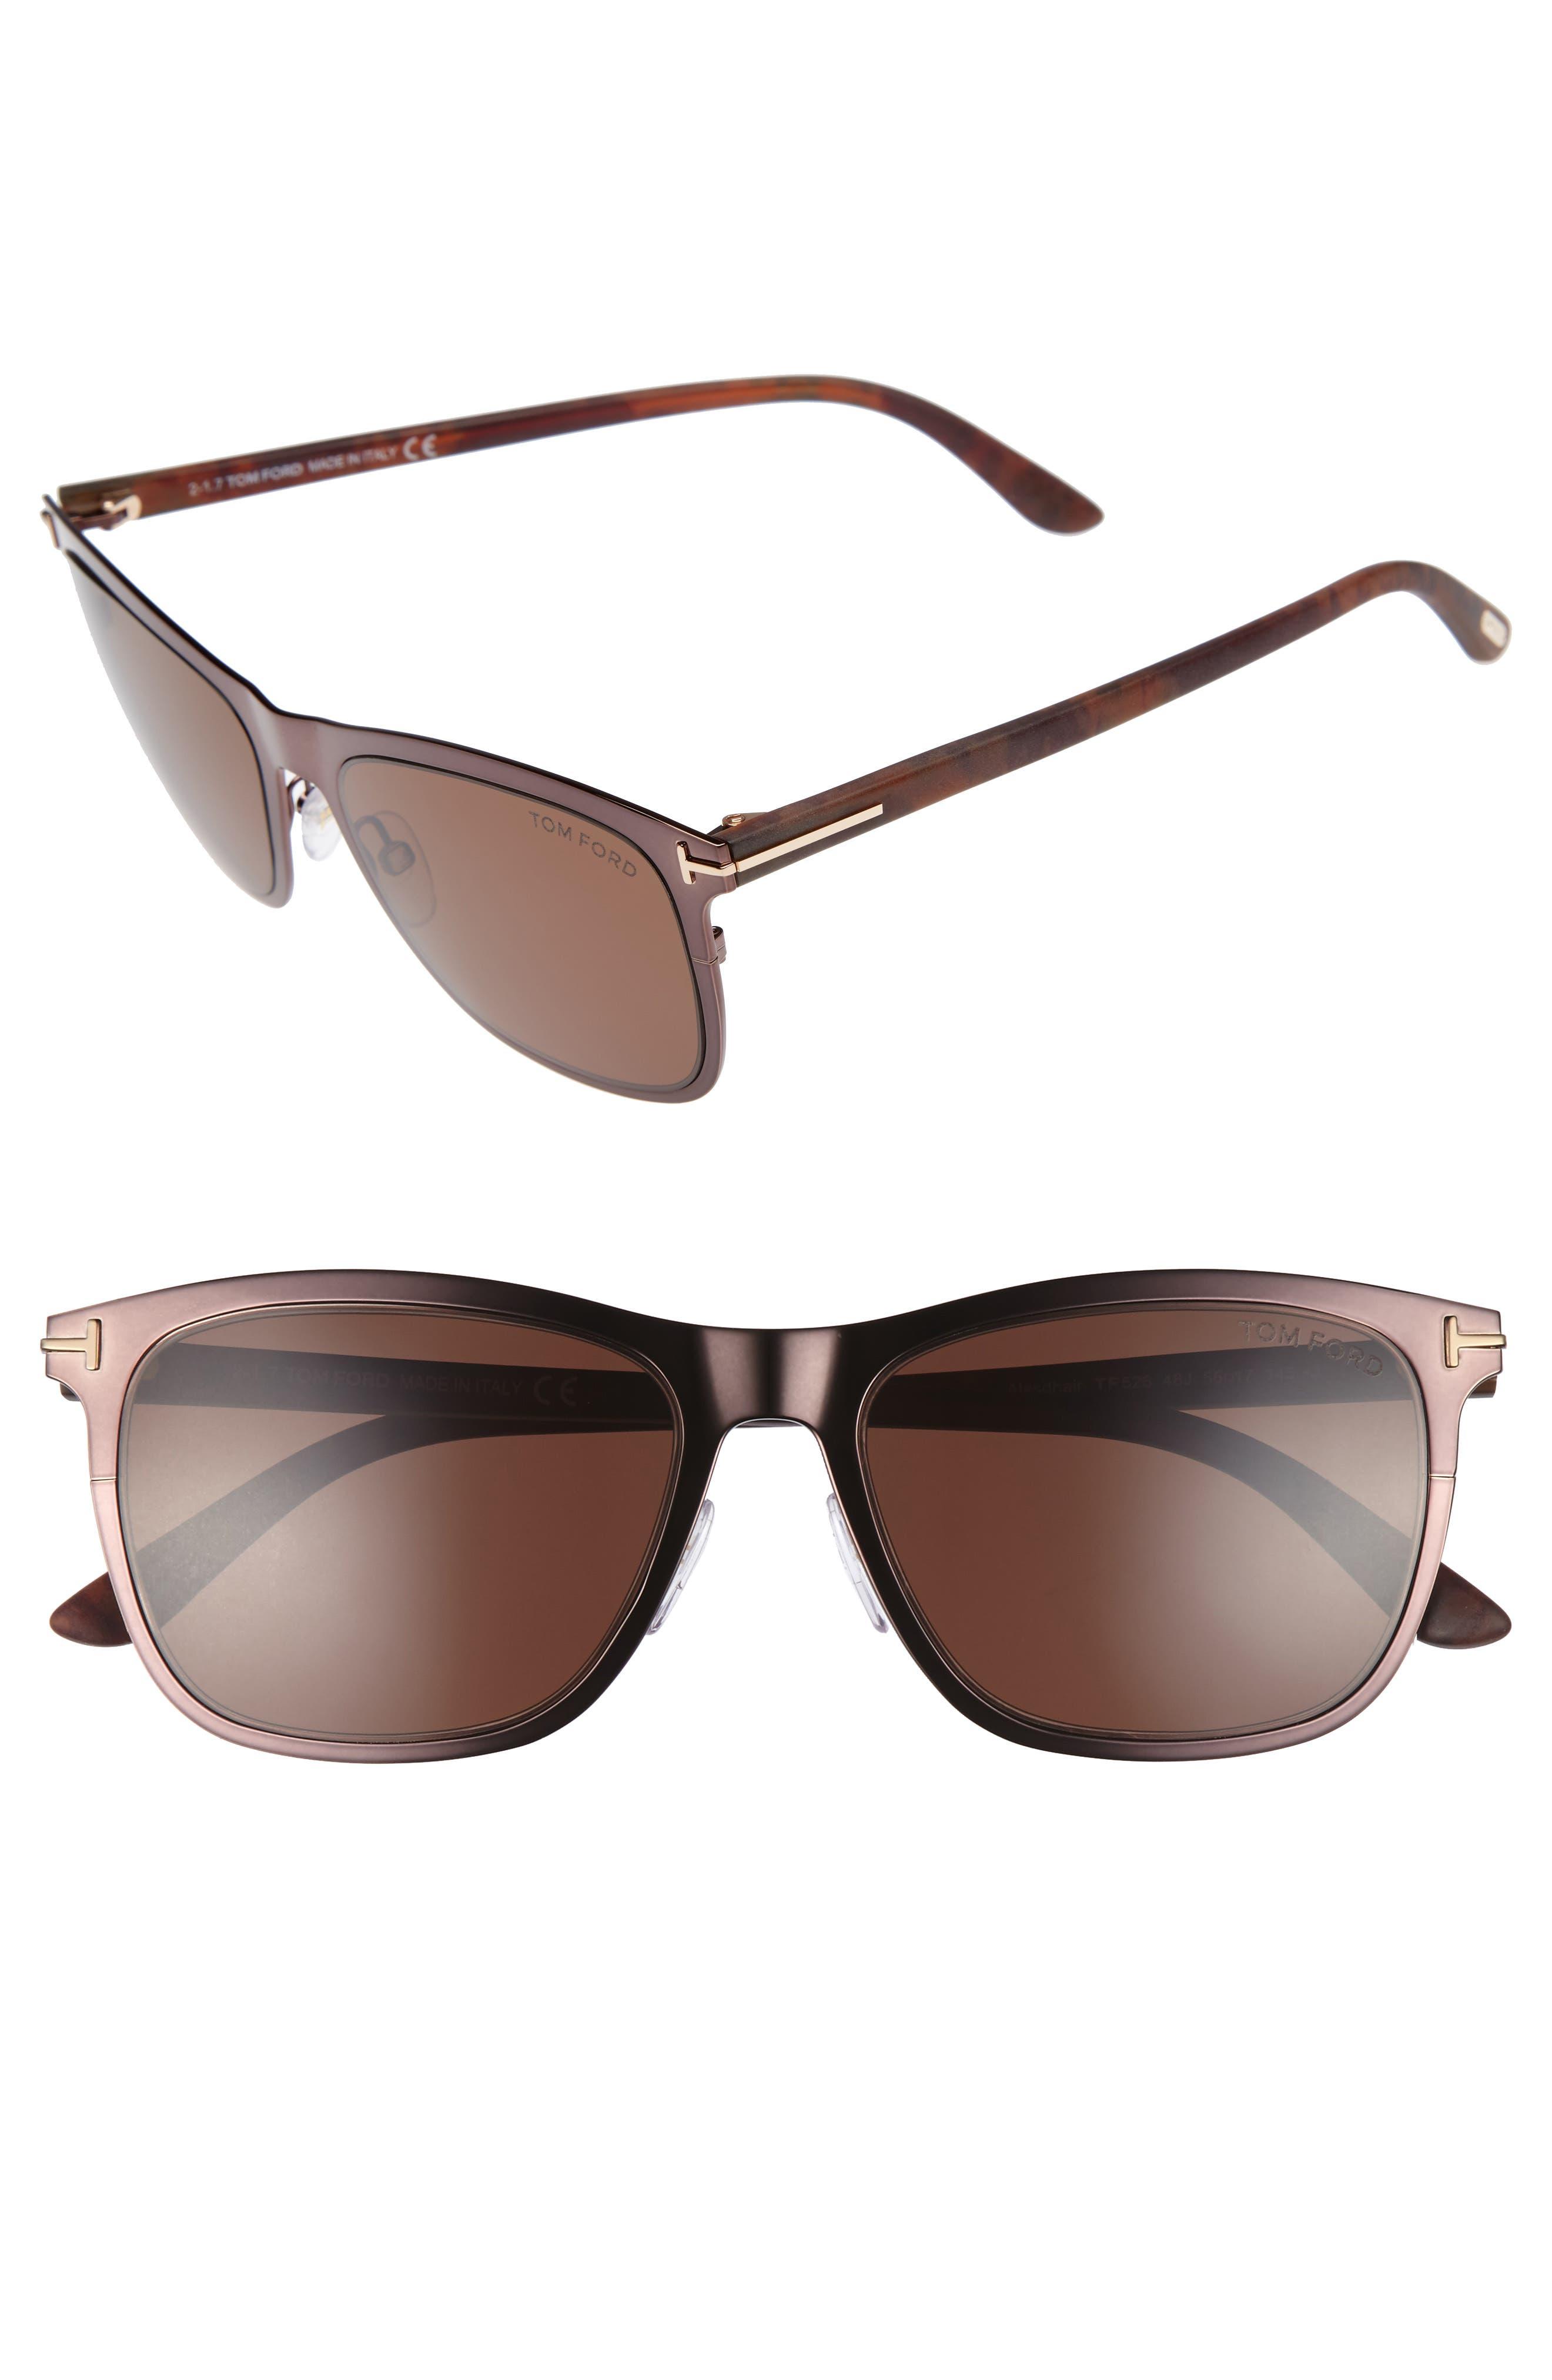 Alasdhair 55mm Sunglasses,                         Main,                         color, SHINY DARK BROWN/ ROVIEX